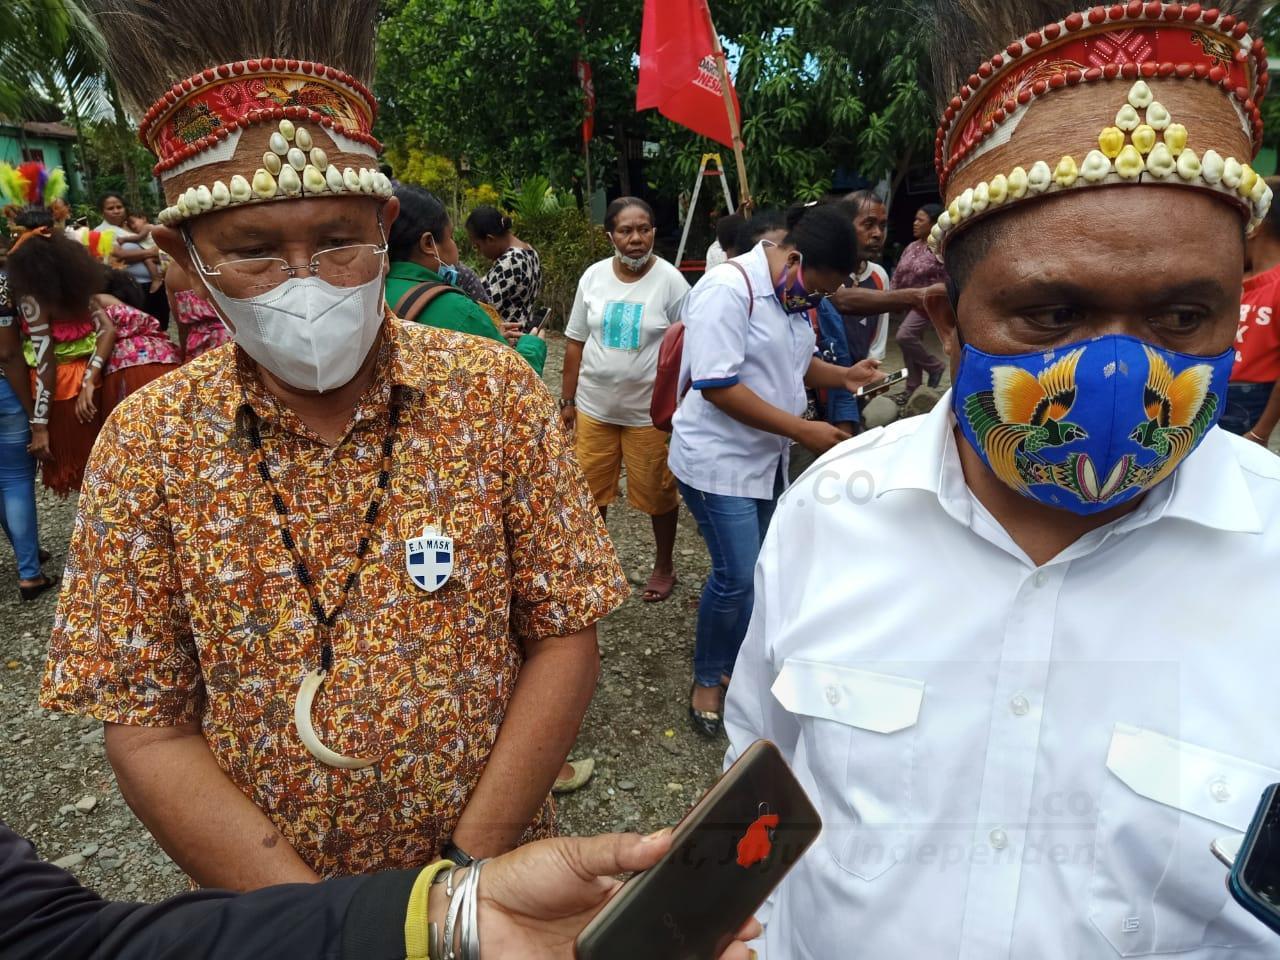 Hermus Indou Minta Partai Pendukung HEBO Harus Profesional Bersinergi Bersama Tim Dan Relawan 1 IMG 20201103 WA0074 1